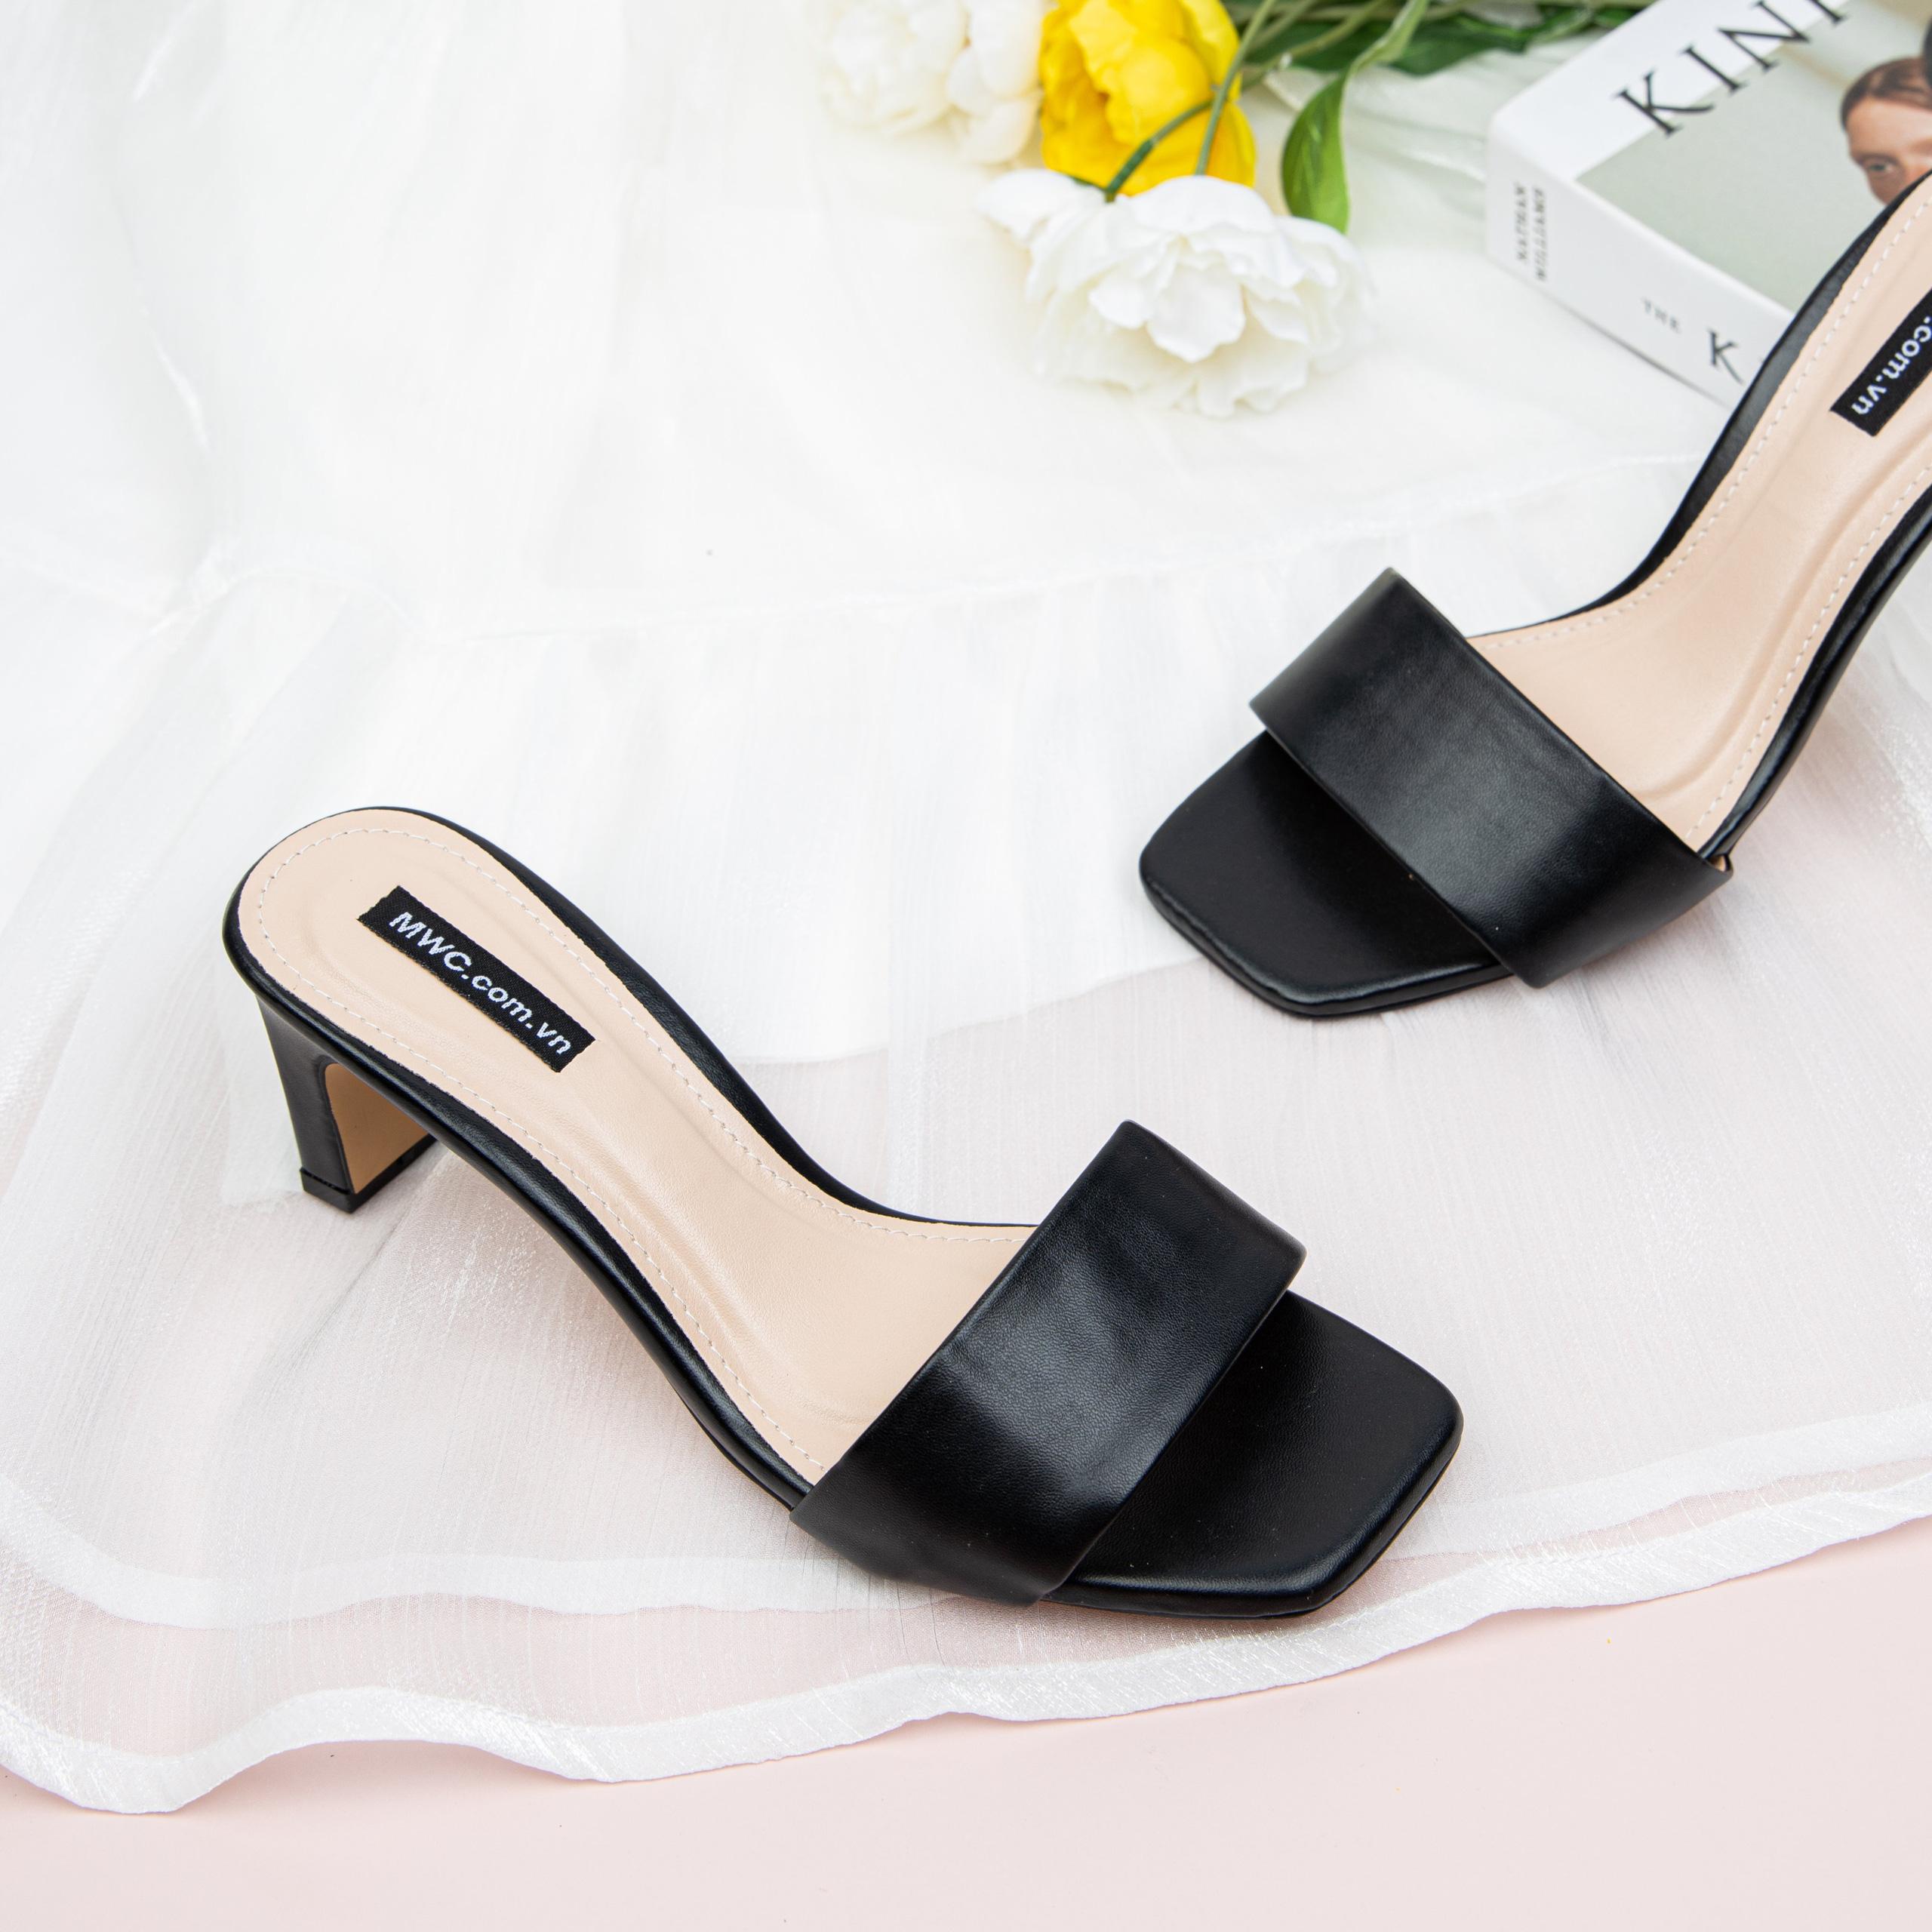 Kiểu giày hot nhất Hè năm nay của gái Pháp: Diện cùng váy vóc là chuẩn tinh tế và đẹp xinh miễn bàn - Ảnh 4.